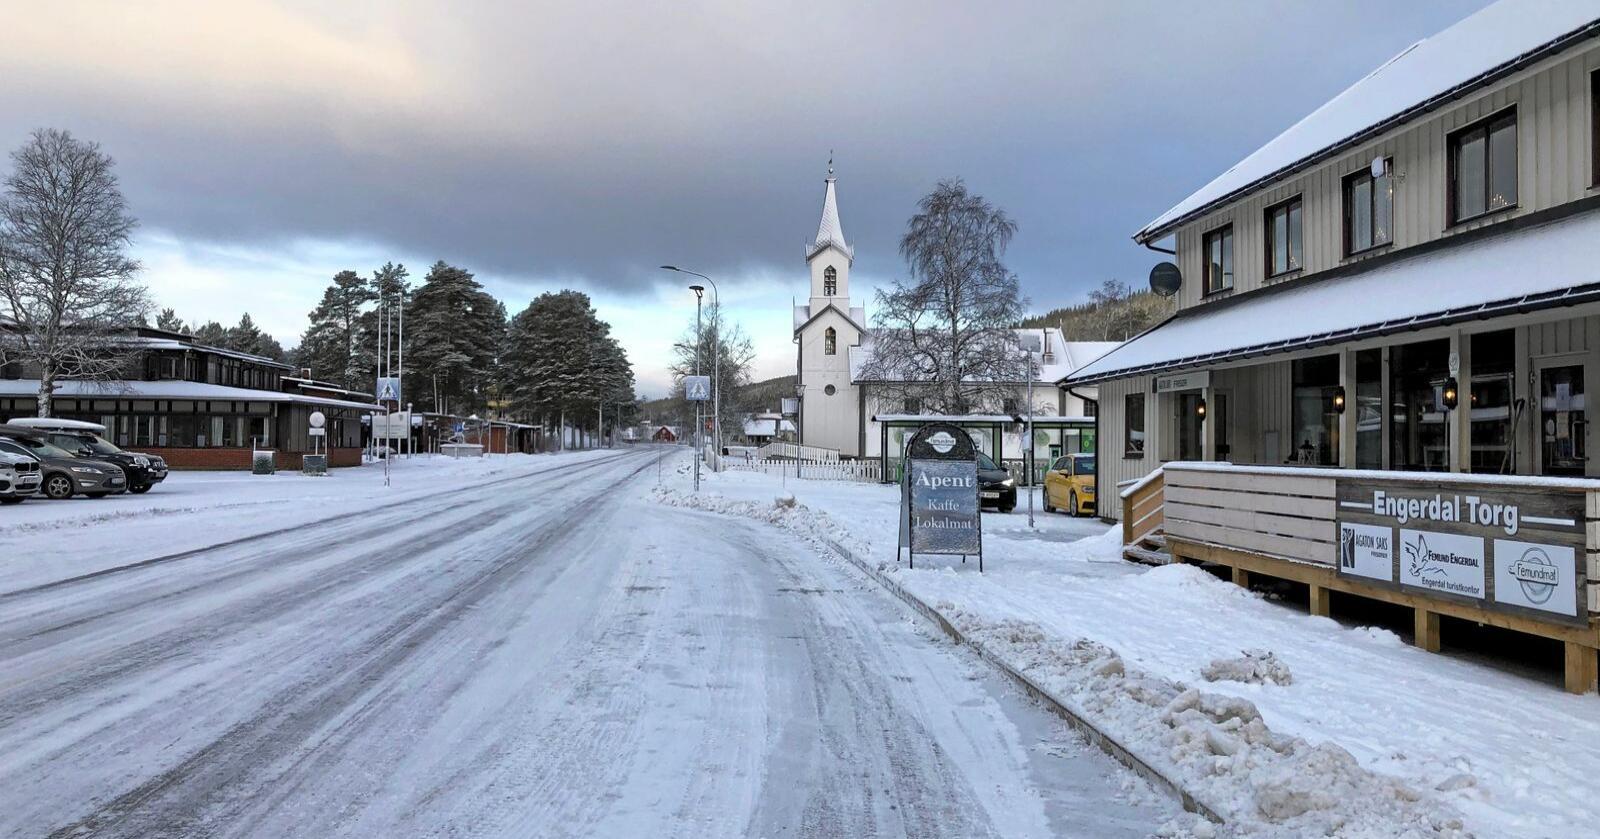 Sjokkis i sentrum: Engerdals lokalmatutsalg har ikke bare rein på menyen. Foto: Ellen Fauske Bleness